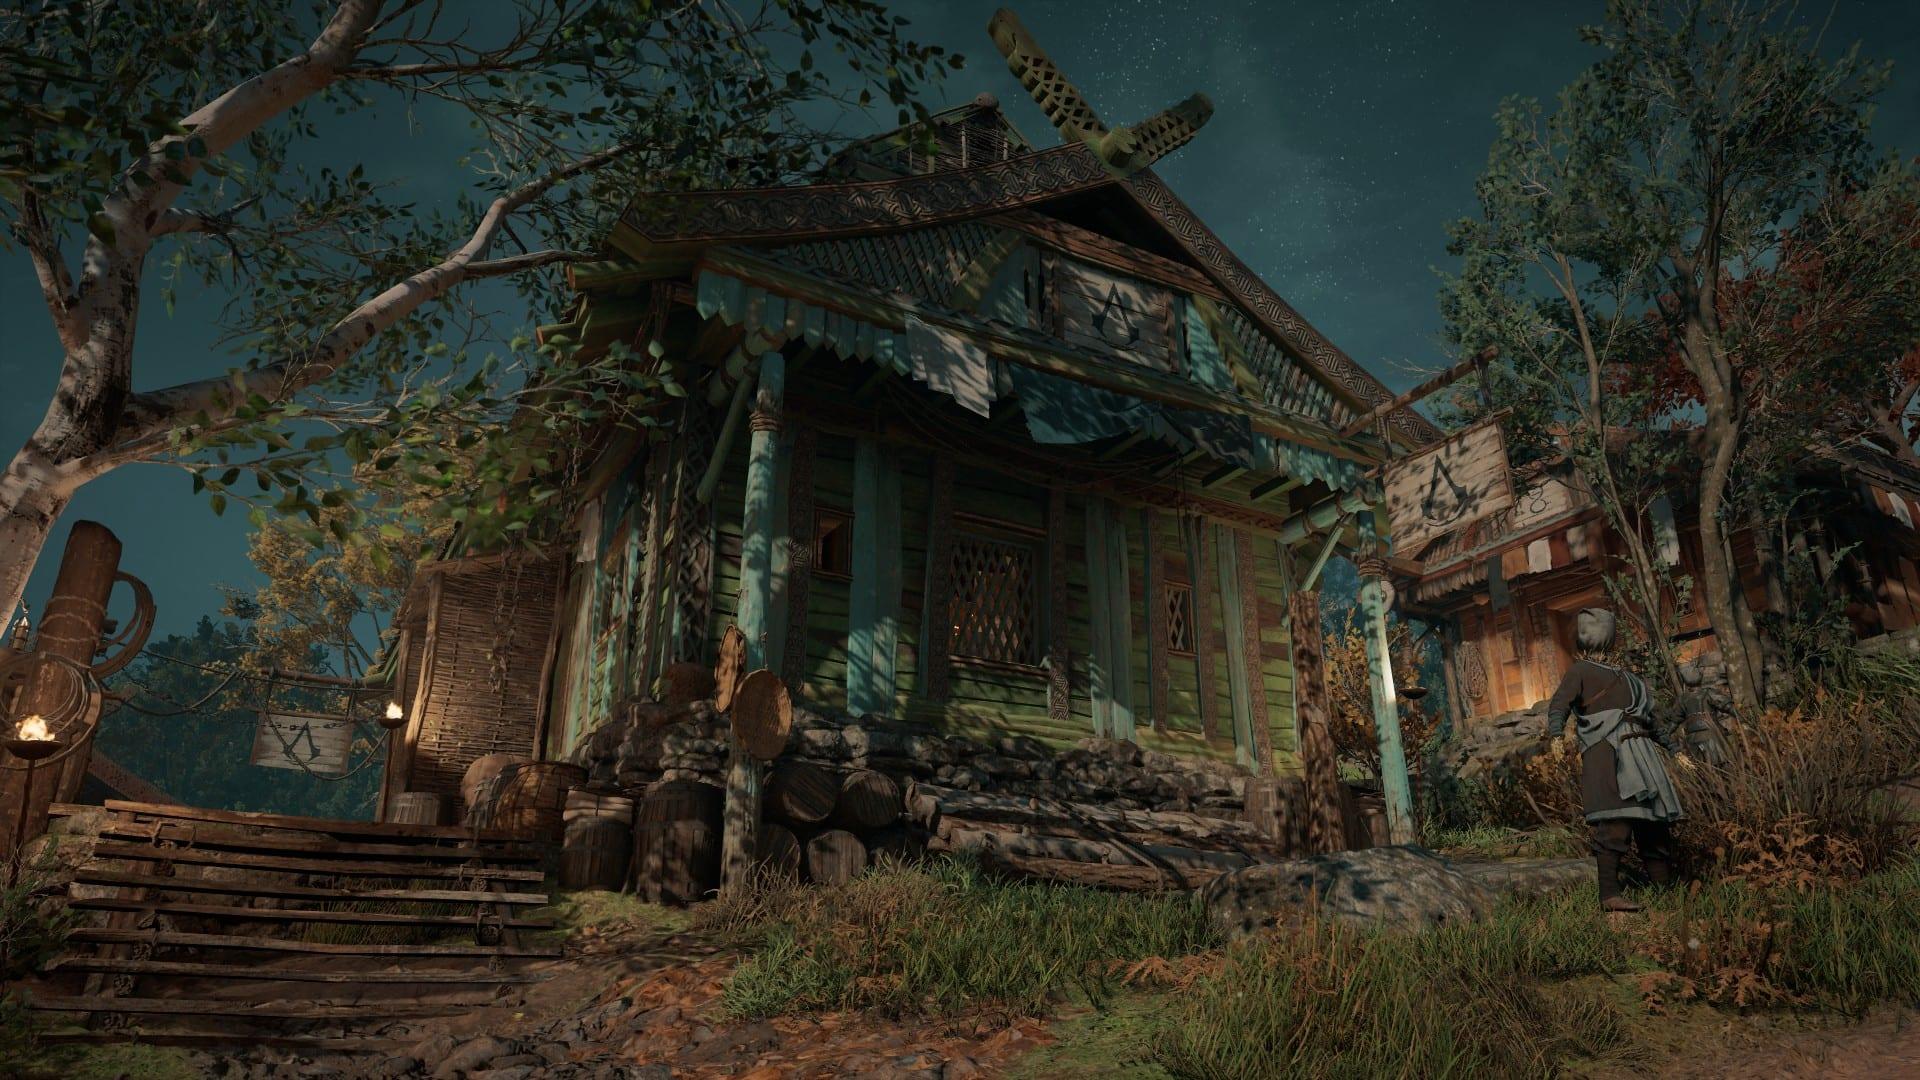 Assassin's Creed Valhalla - Bruderschaftshaus der Verborgenen